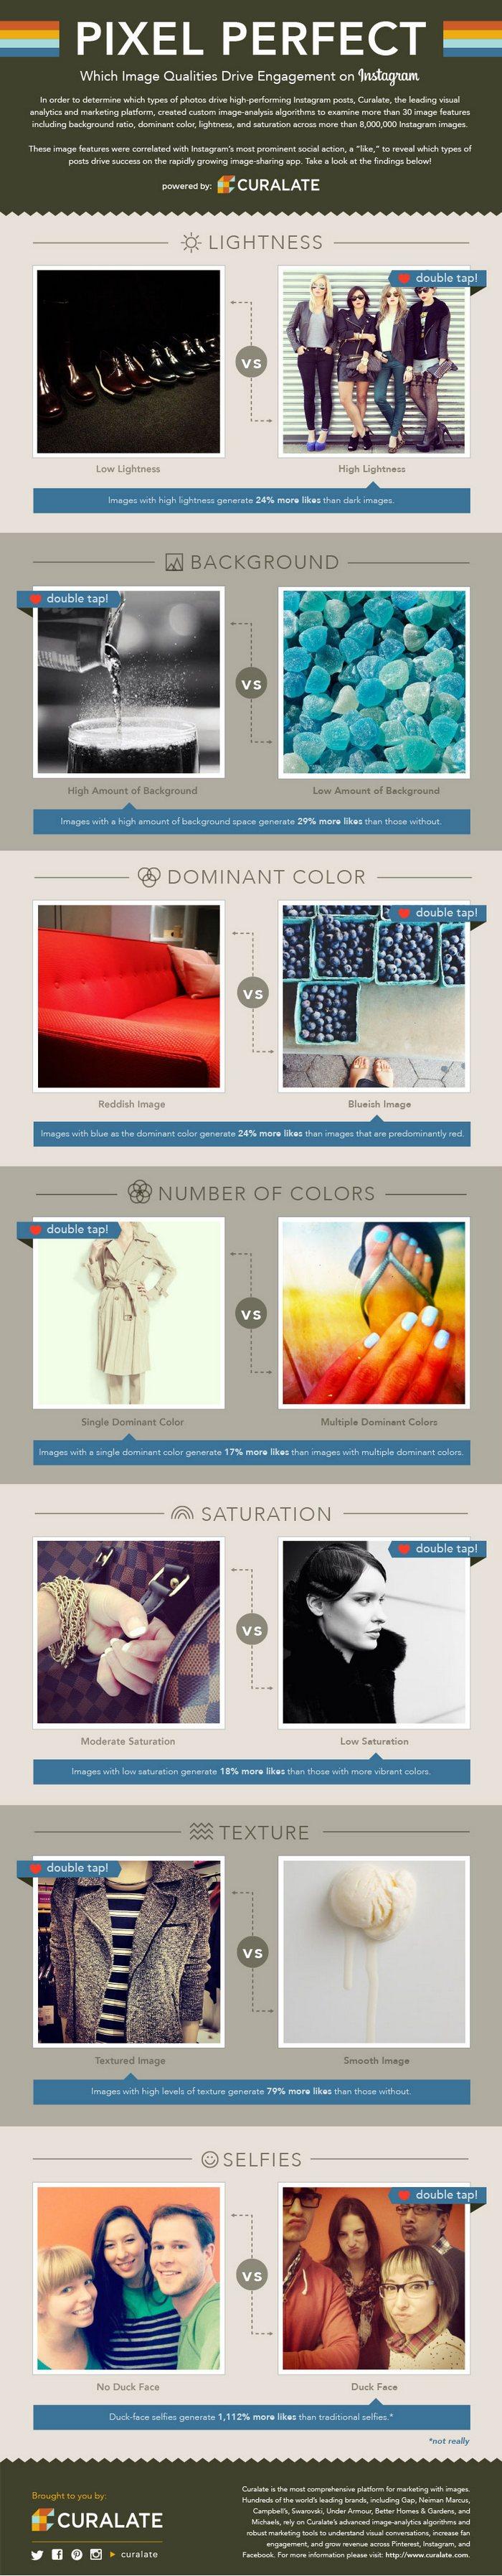 instagram-caracteristicas-imagenes-participacion